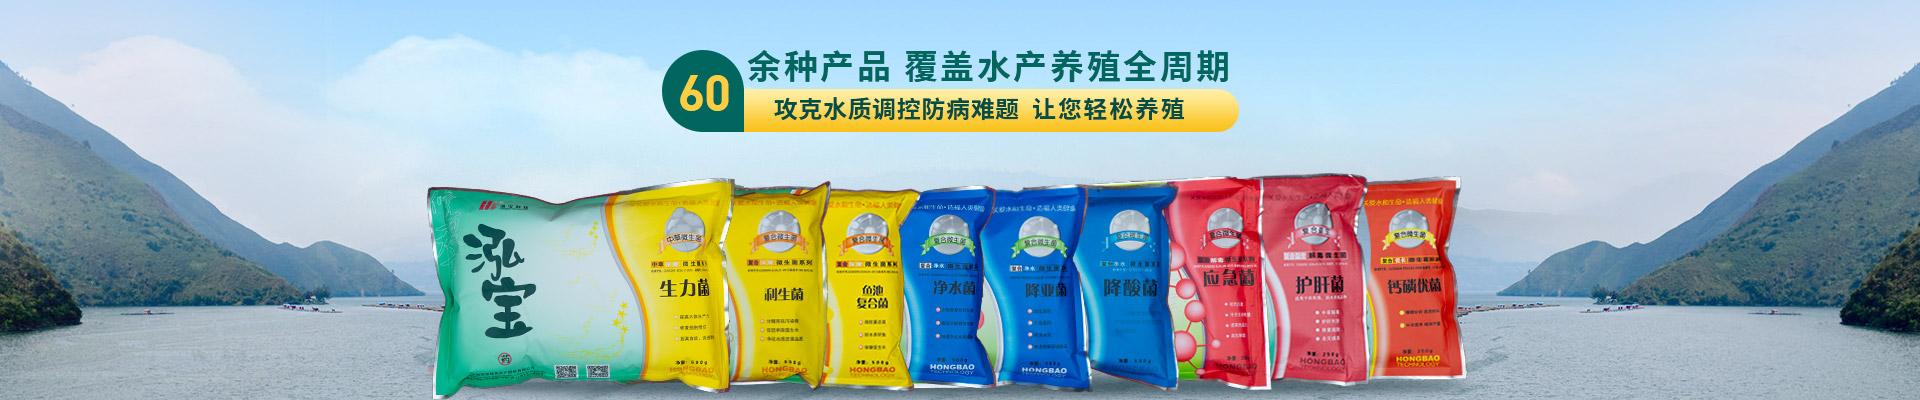 泓宝-60余种产品,全面覆盖水产养殖周期